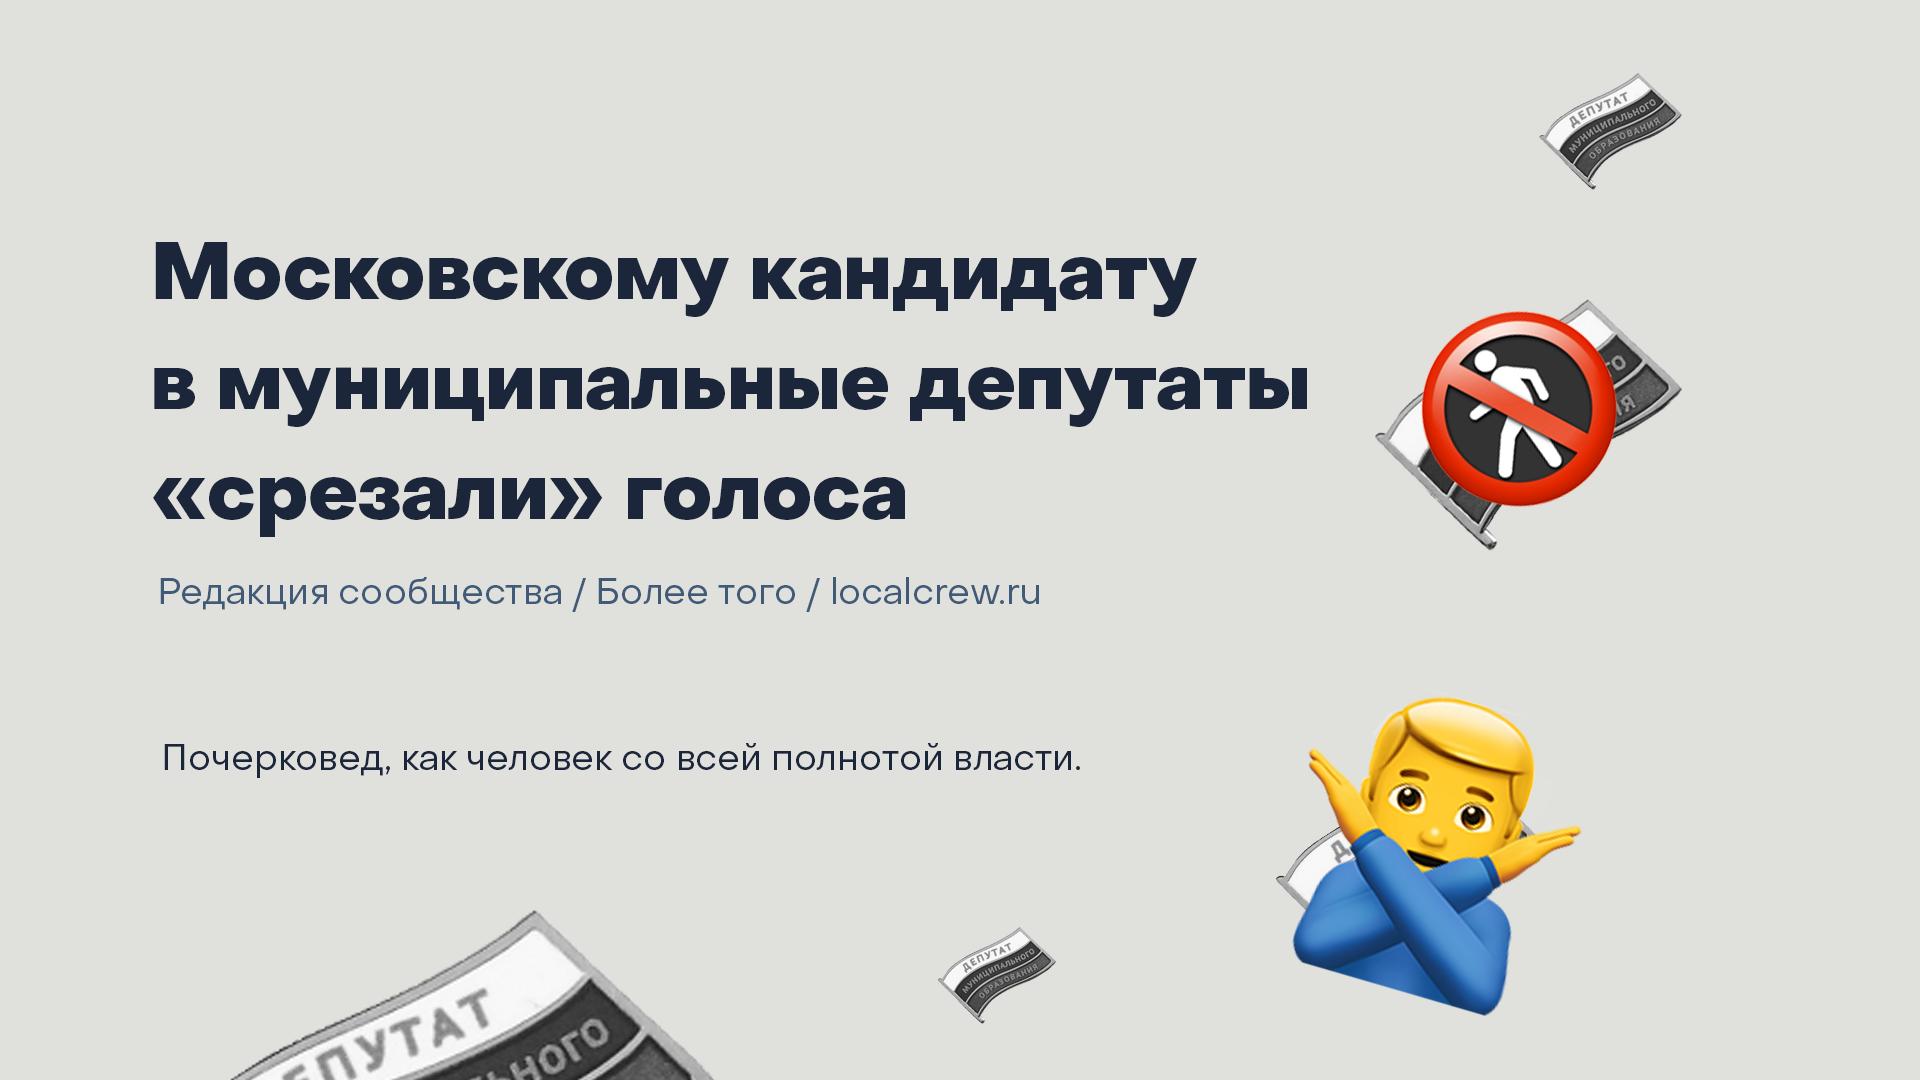 Московскому кандидату в муниципальные депутаты «срезали» голоса